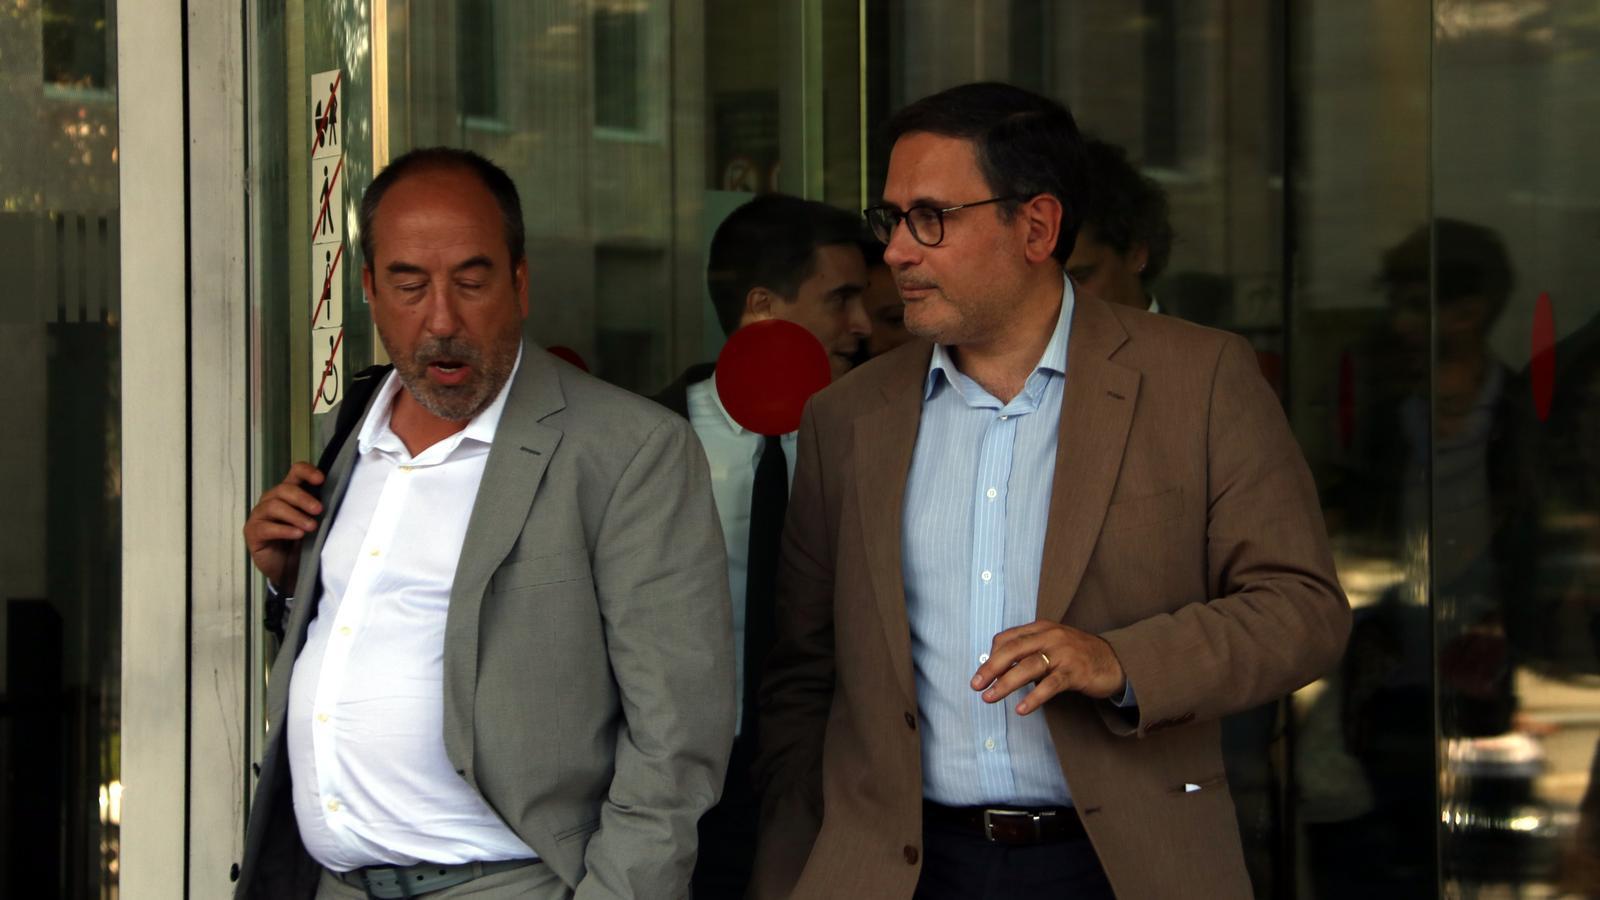 Funció Pública investiga l'exdelegat a Suïssa per presumpte assetjament laboral